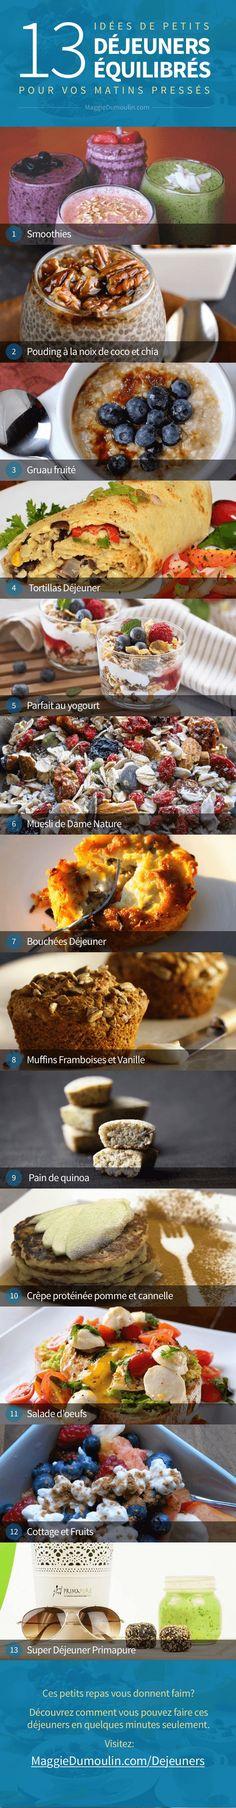 HEALTYFOOD  Diet to lose weight  13 idées de petits déjeuners équilibrés pour vos matins pressés